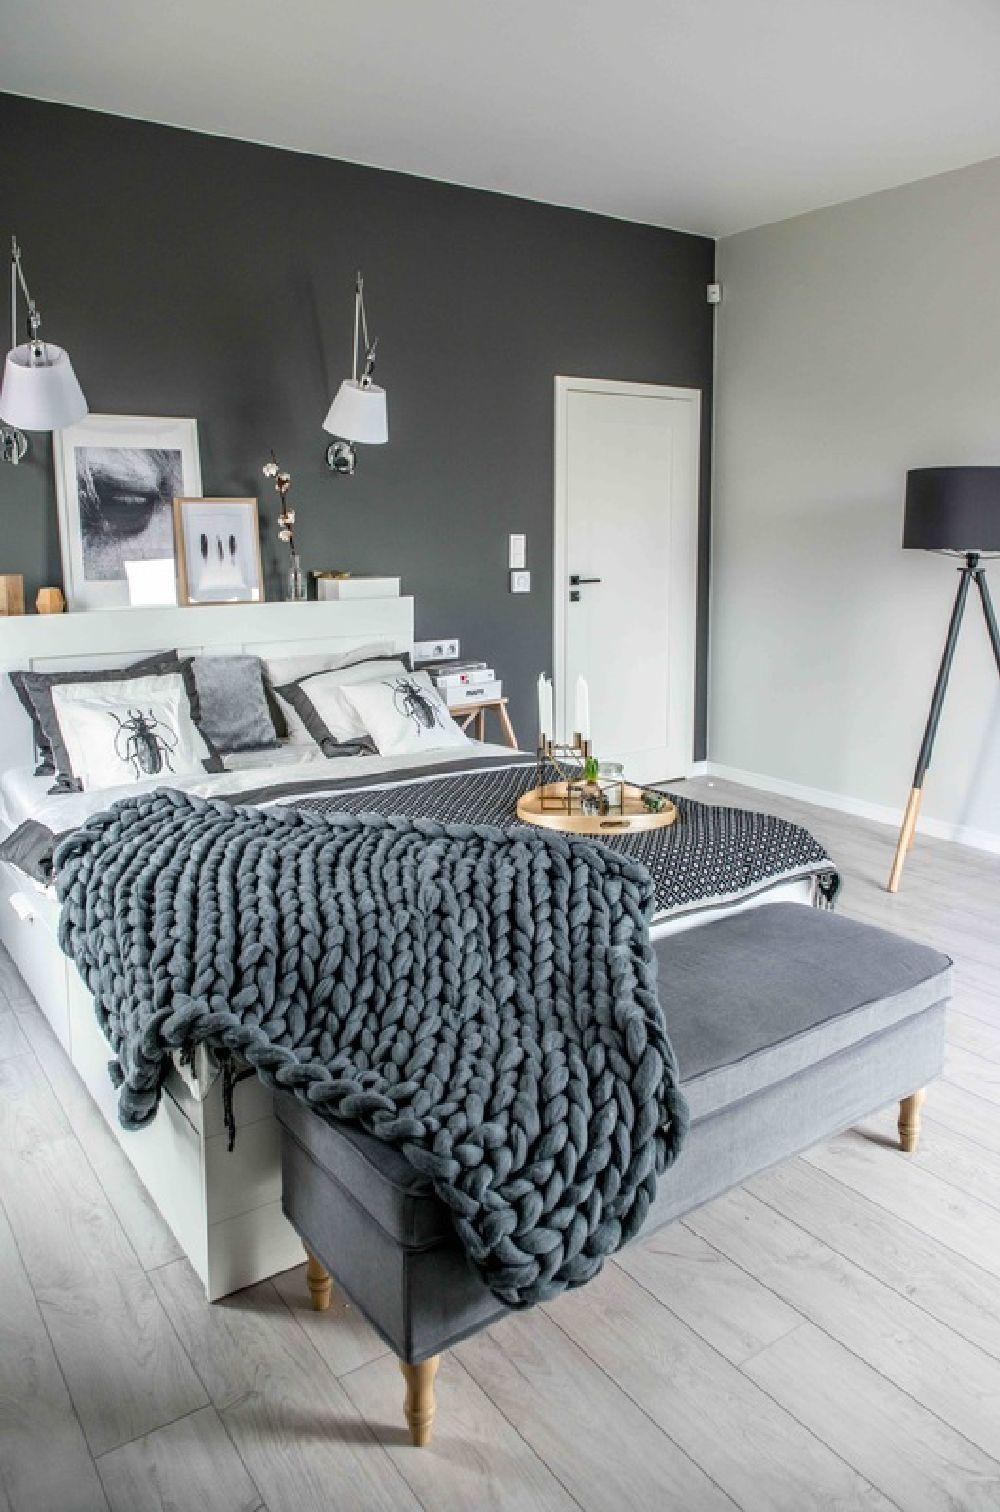 Pěkný byteček - ložnice by se mi líbila v jiných barvičkách